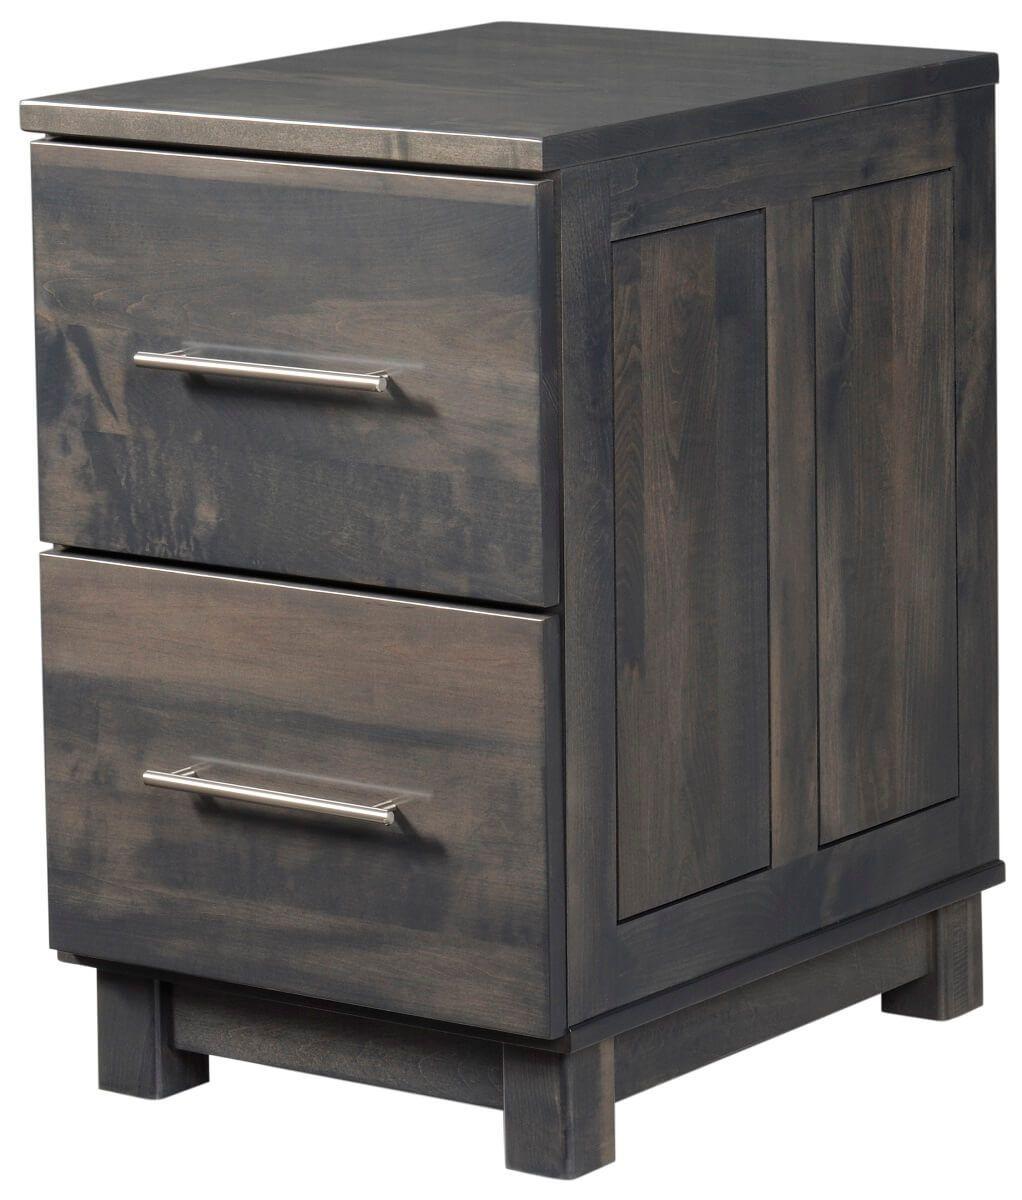 Omega 2-Drawer File Cabinet